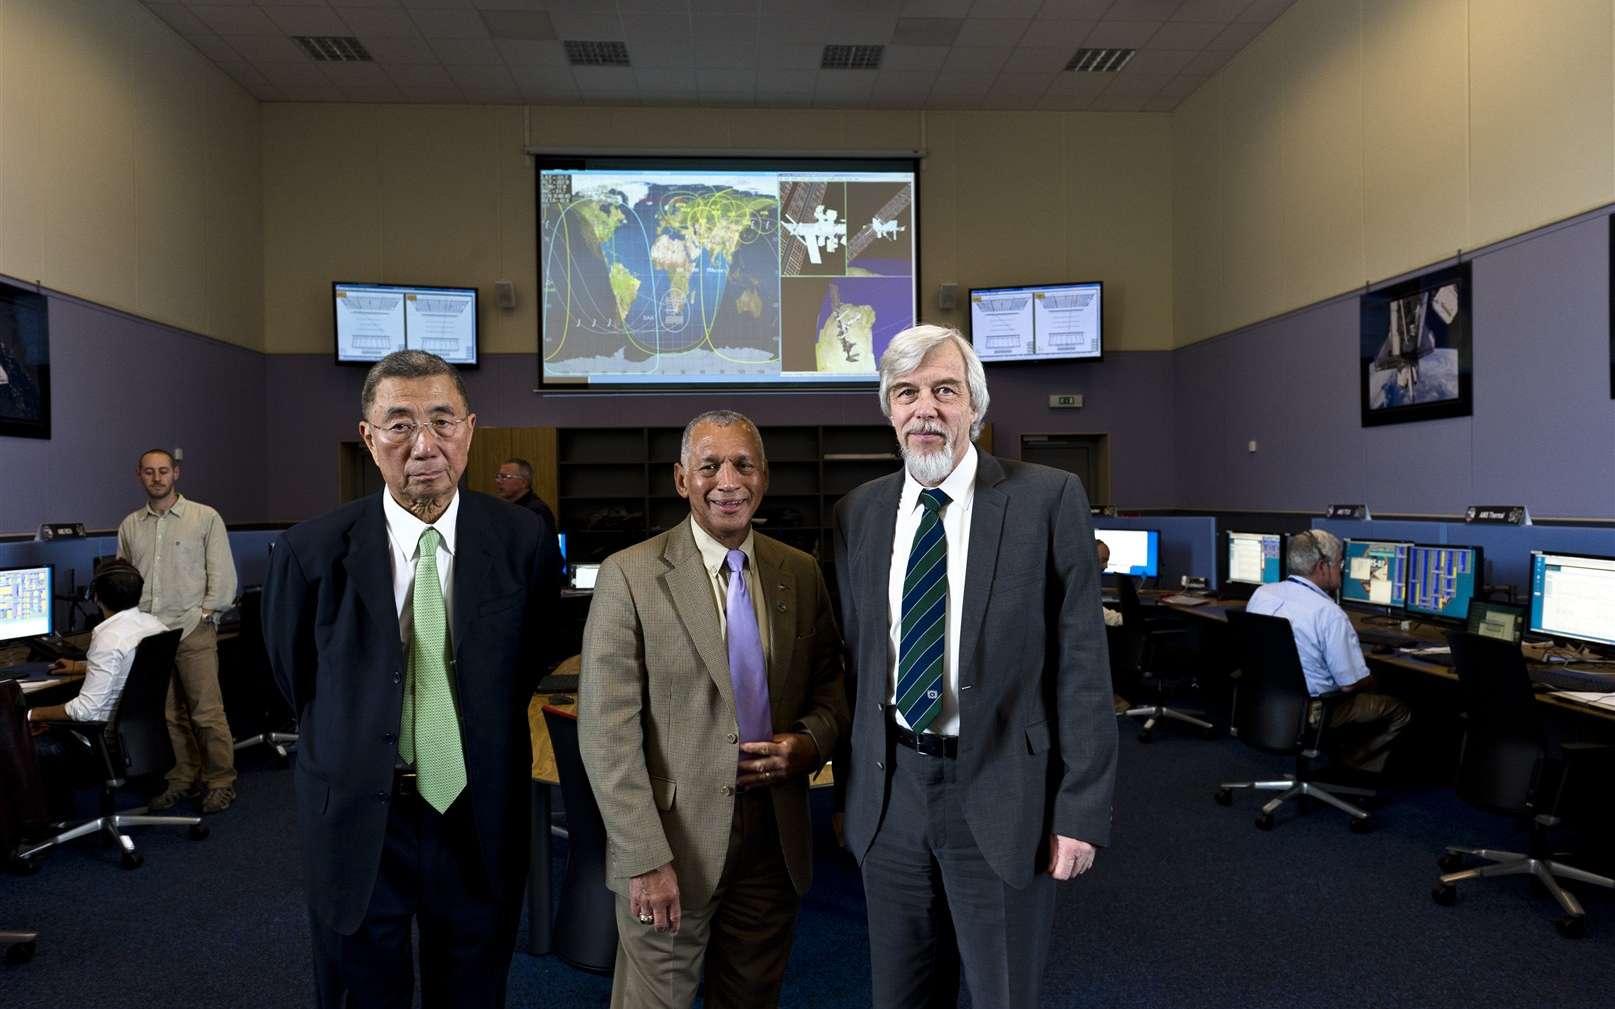 En 2011, dans la salle de contrôle d'AMS-02 au Cern, de gauche à droite : Samuel Ting, Charles F. Bolden (directeur général de la Nasa), et Rolf-Dieter Heuer (directeur du Cern). © Cern